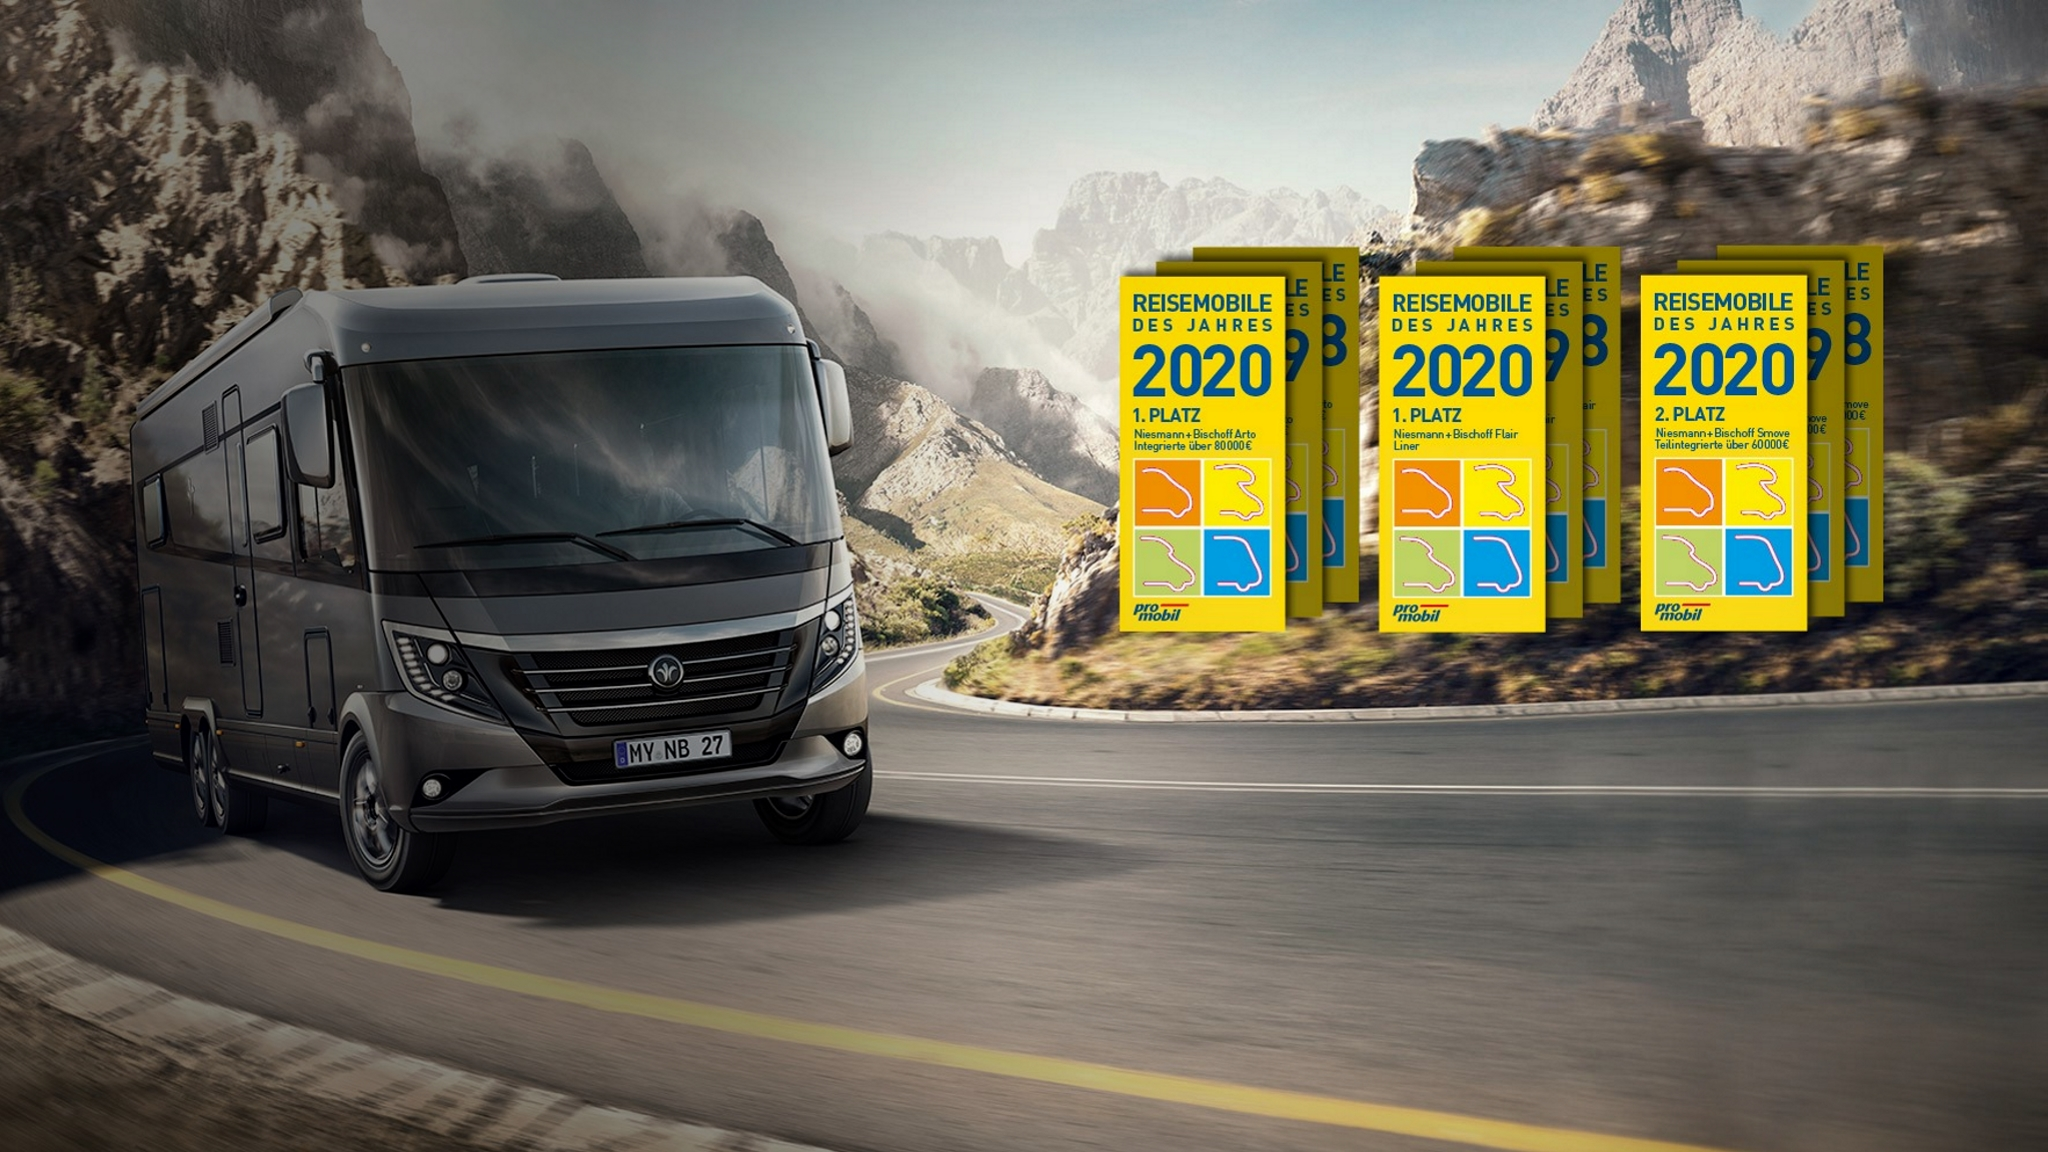 NIESMANN+BISCHOFF - Reisemobil des Jahres 2020 - Titelslider